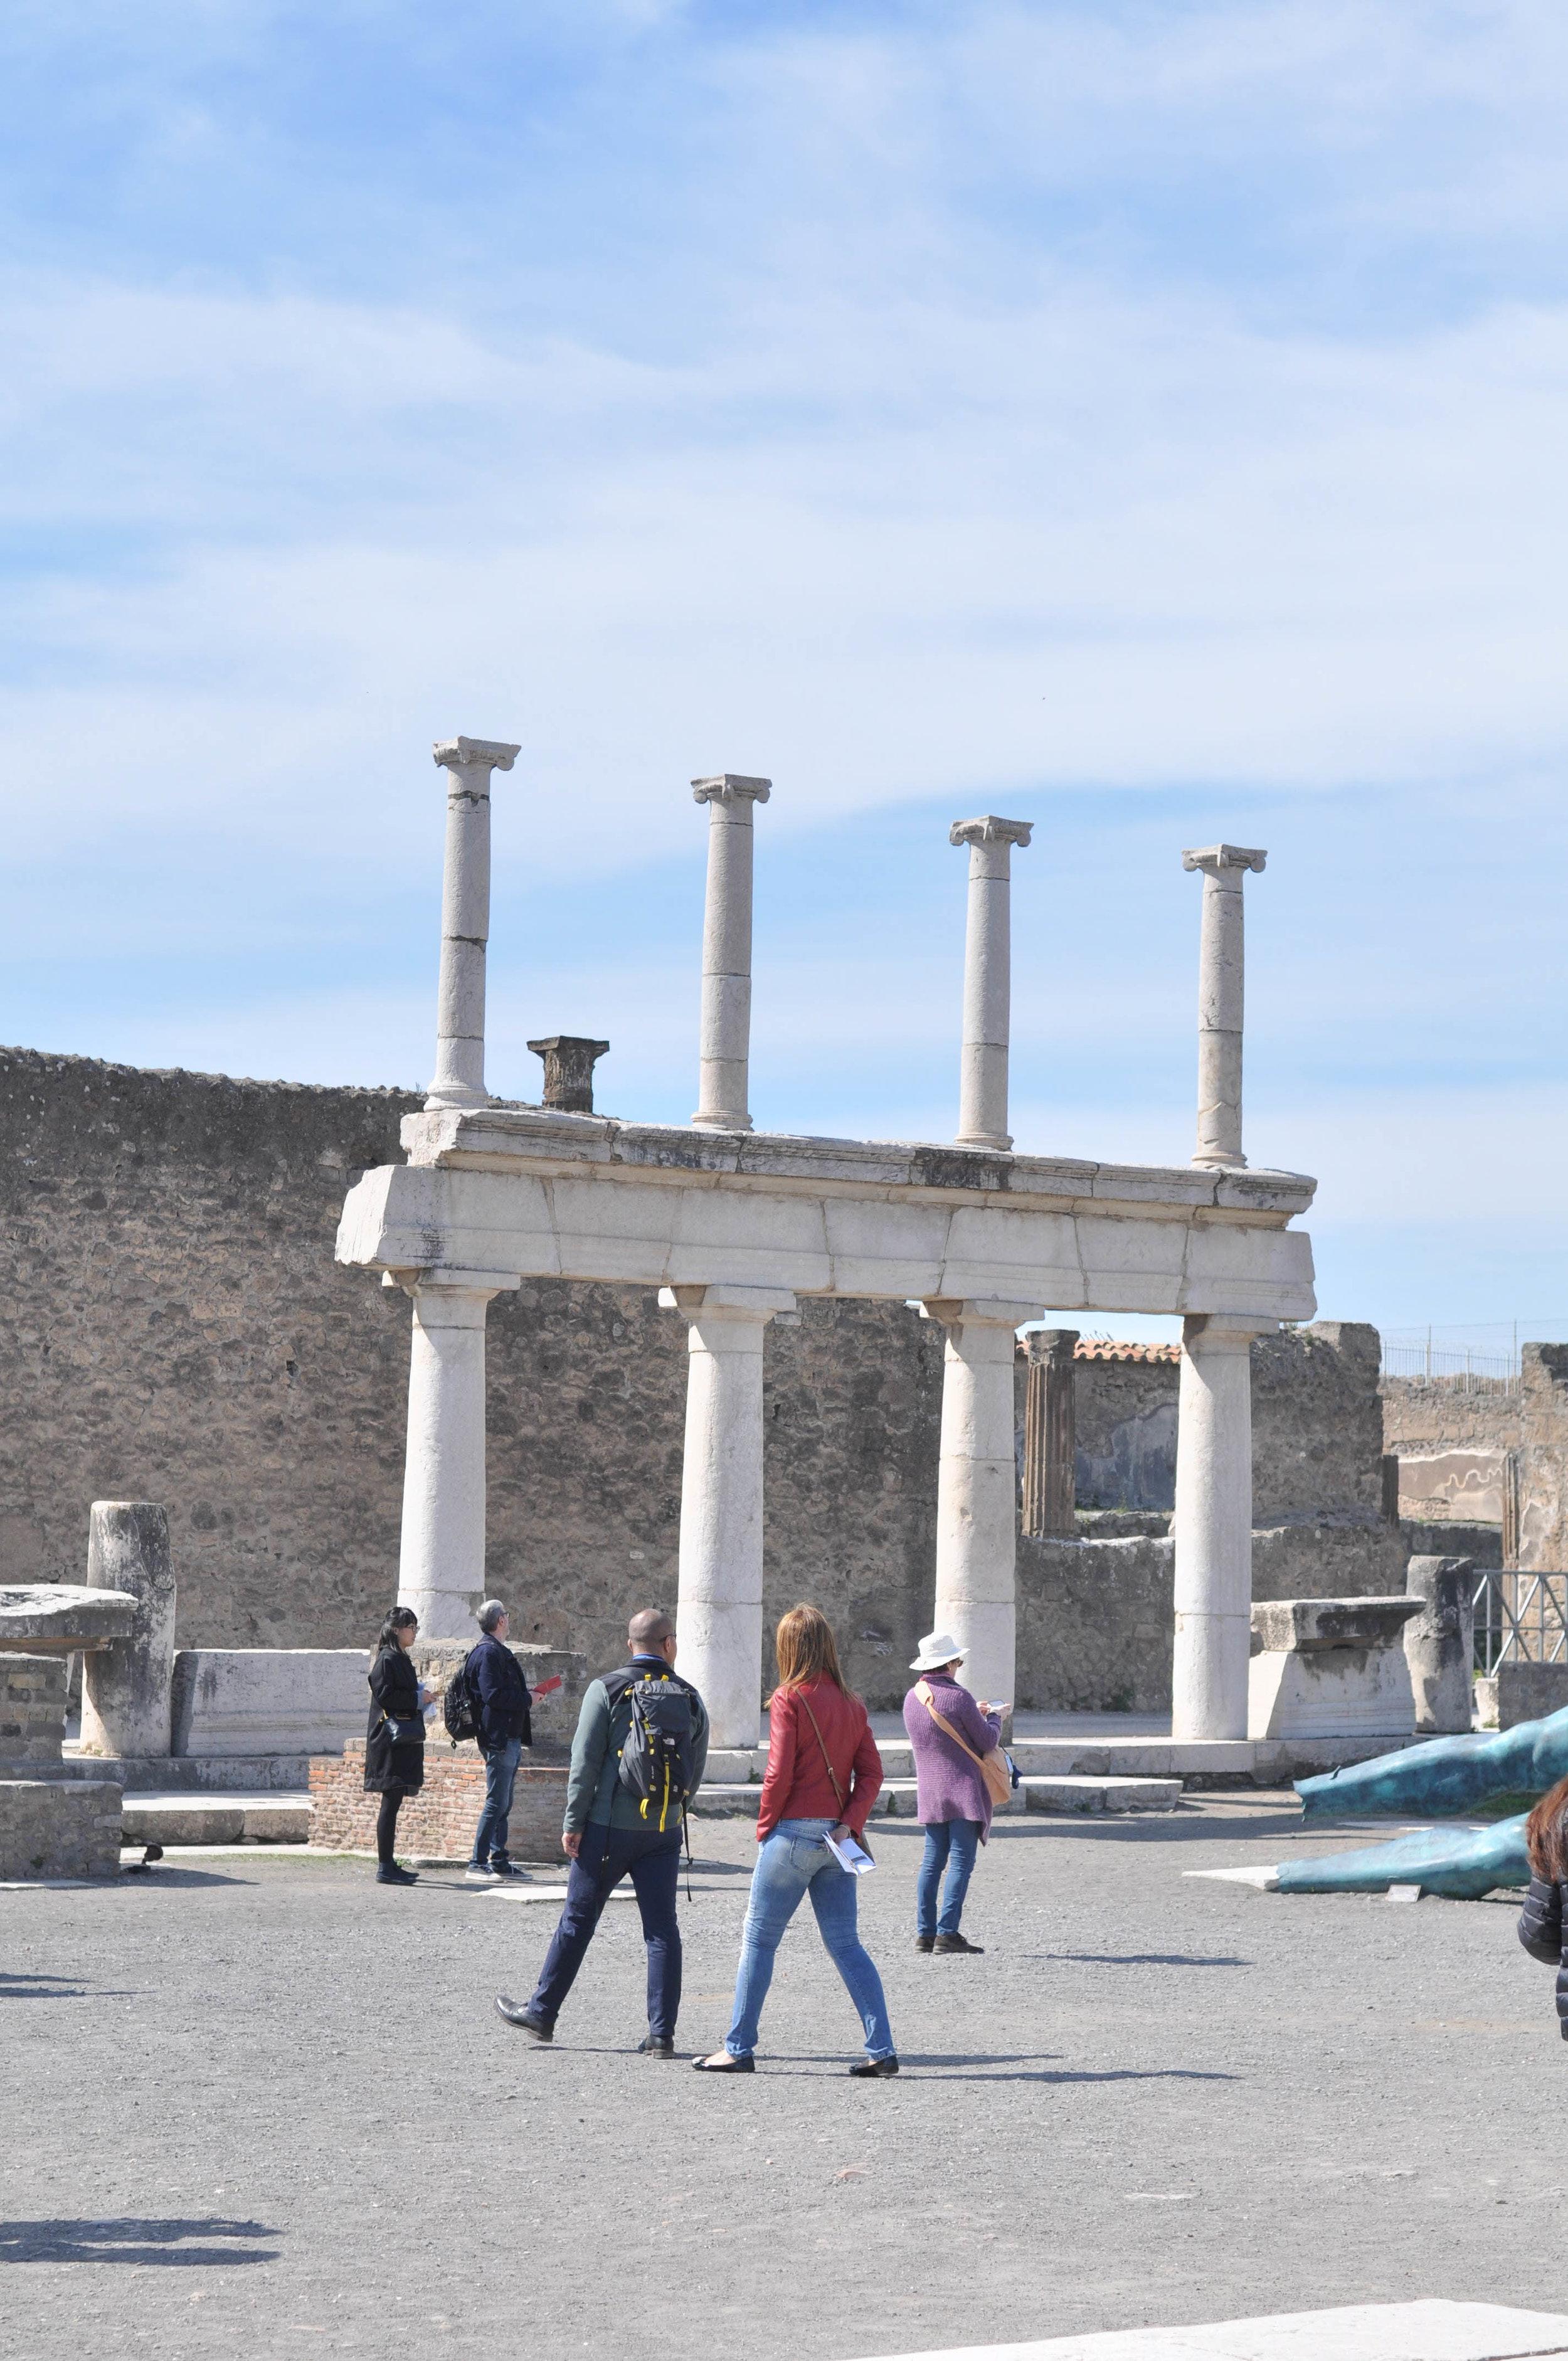 AmalfiCapriPompeii-128.jpg